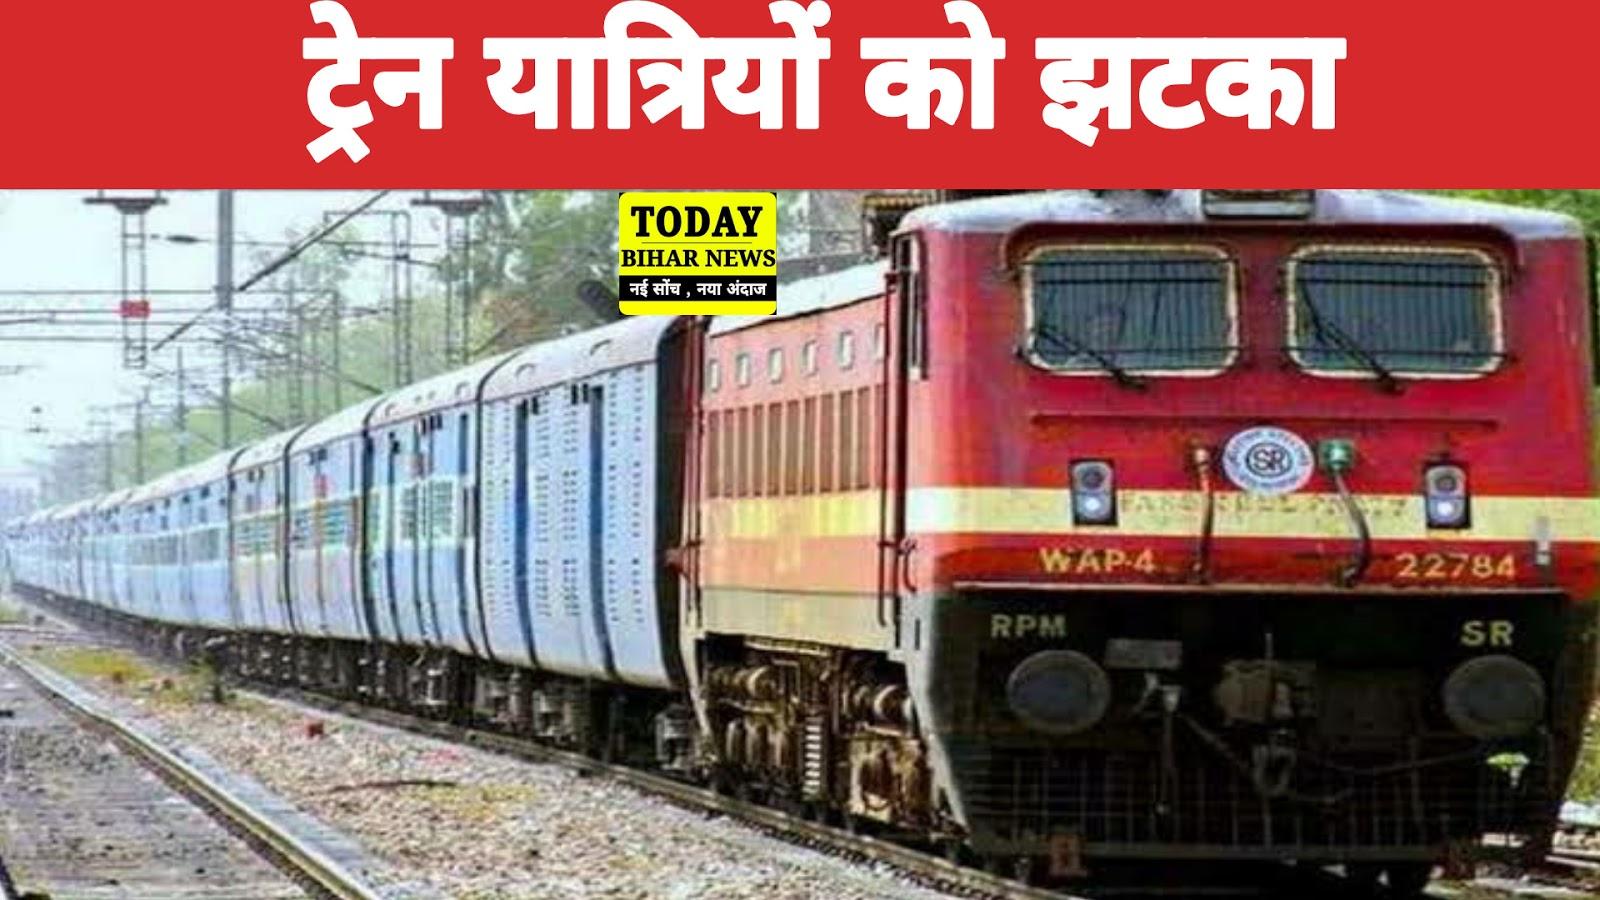 ट्रेन यात्रियों को झटका! 13 जुलाई से नहीं चलेगी पटना-रांची जनशताब्दी एक्सप्रेस